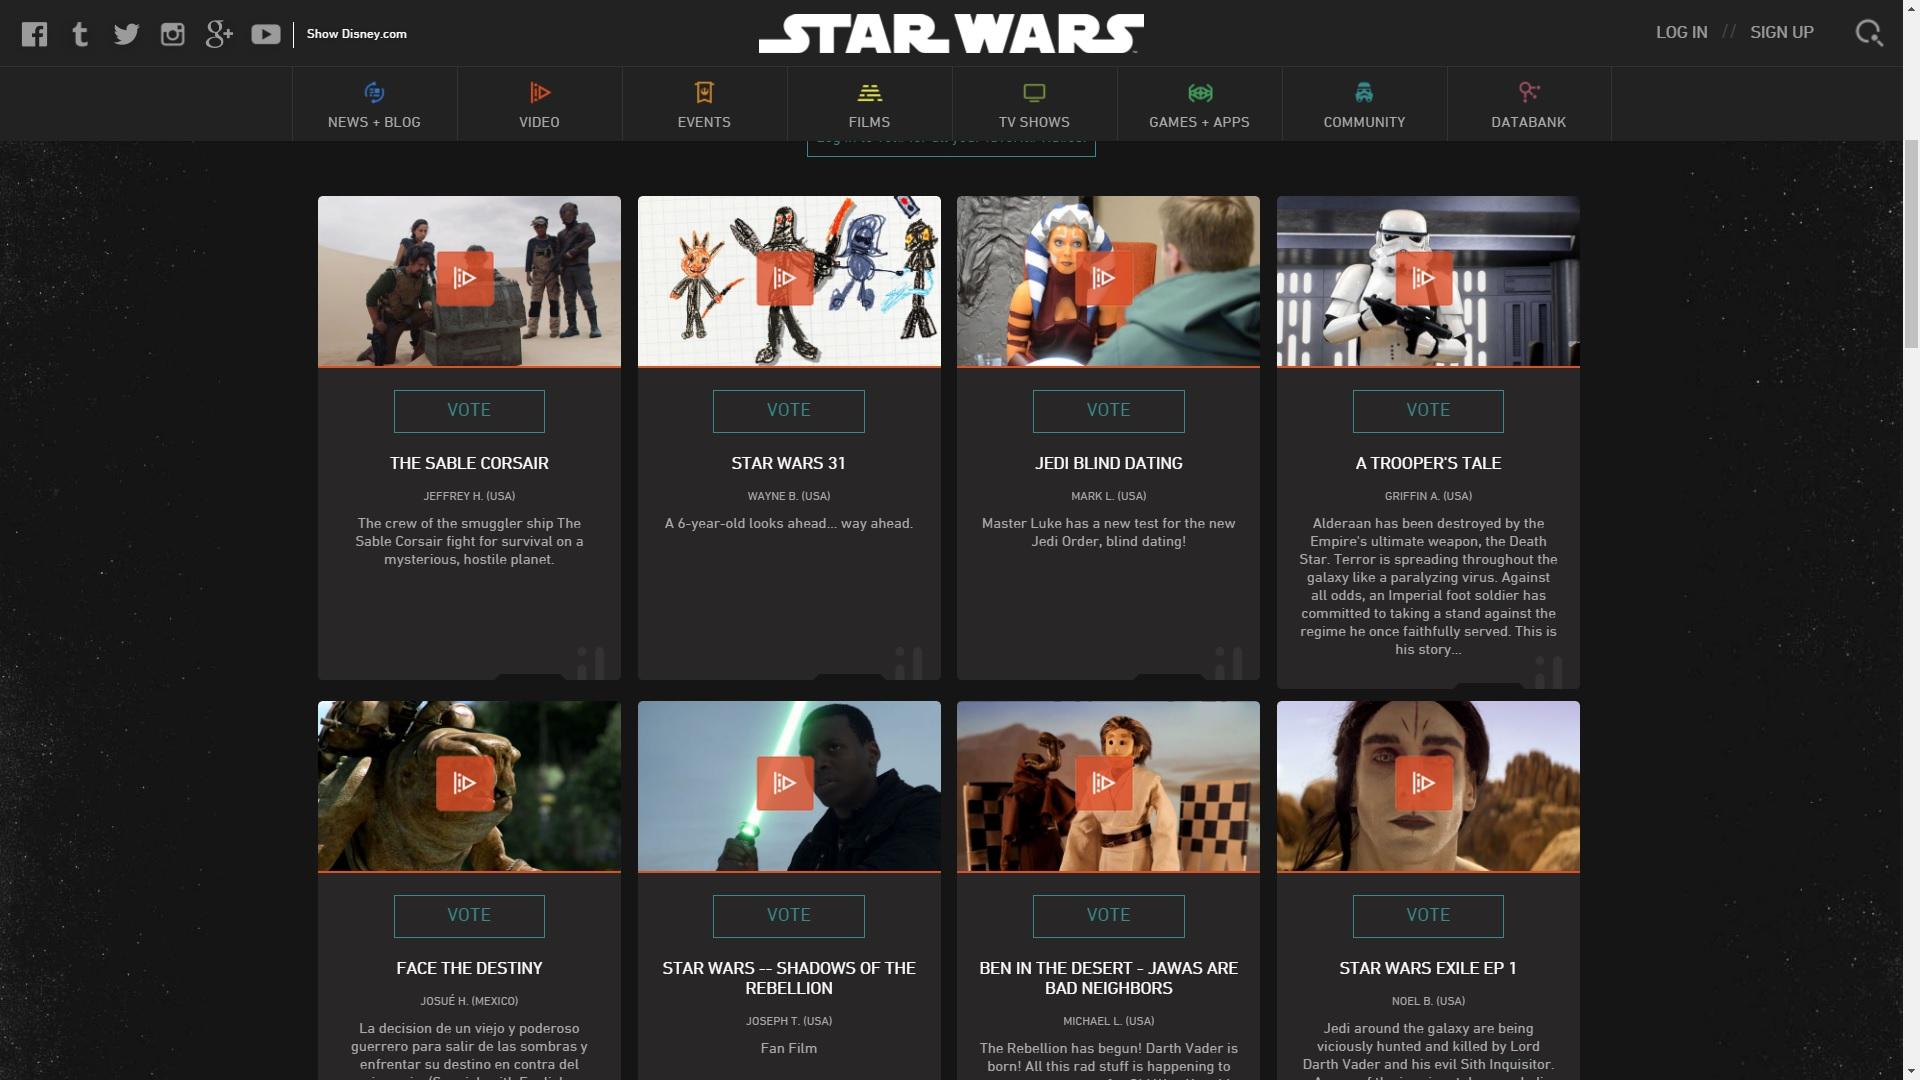 201606_star wars fan film